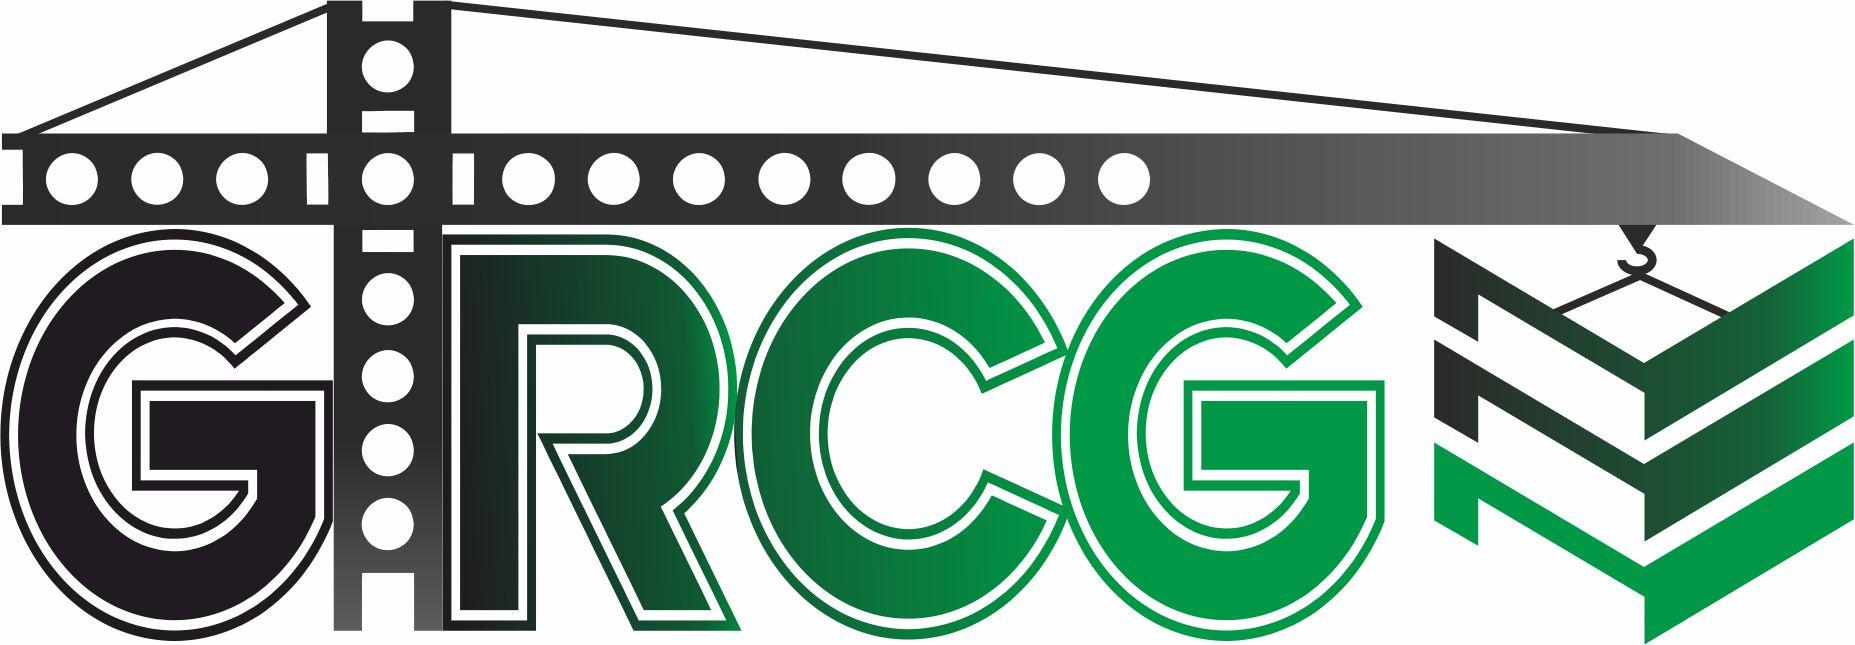 Фото Логотип выполнен по эскизу заказчика! Сроки на выполнение, с учётом корректировок, 3-4 дня